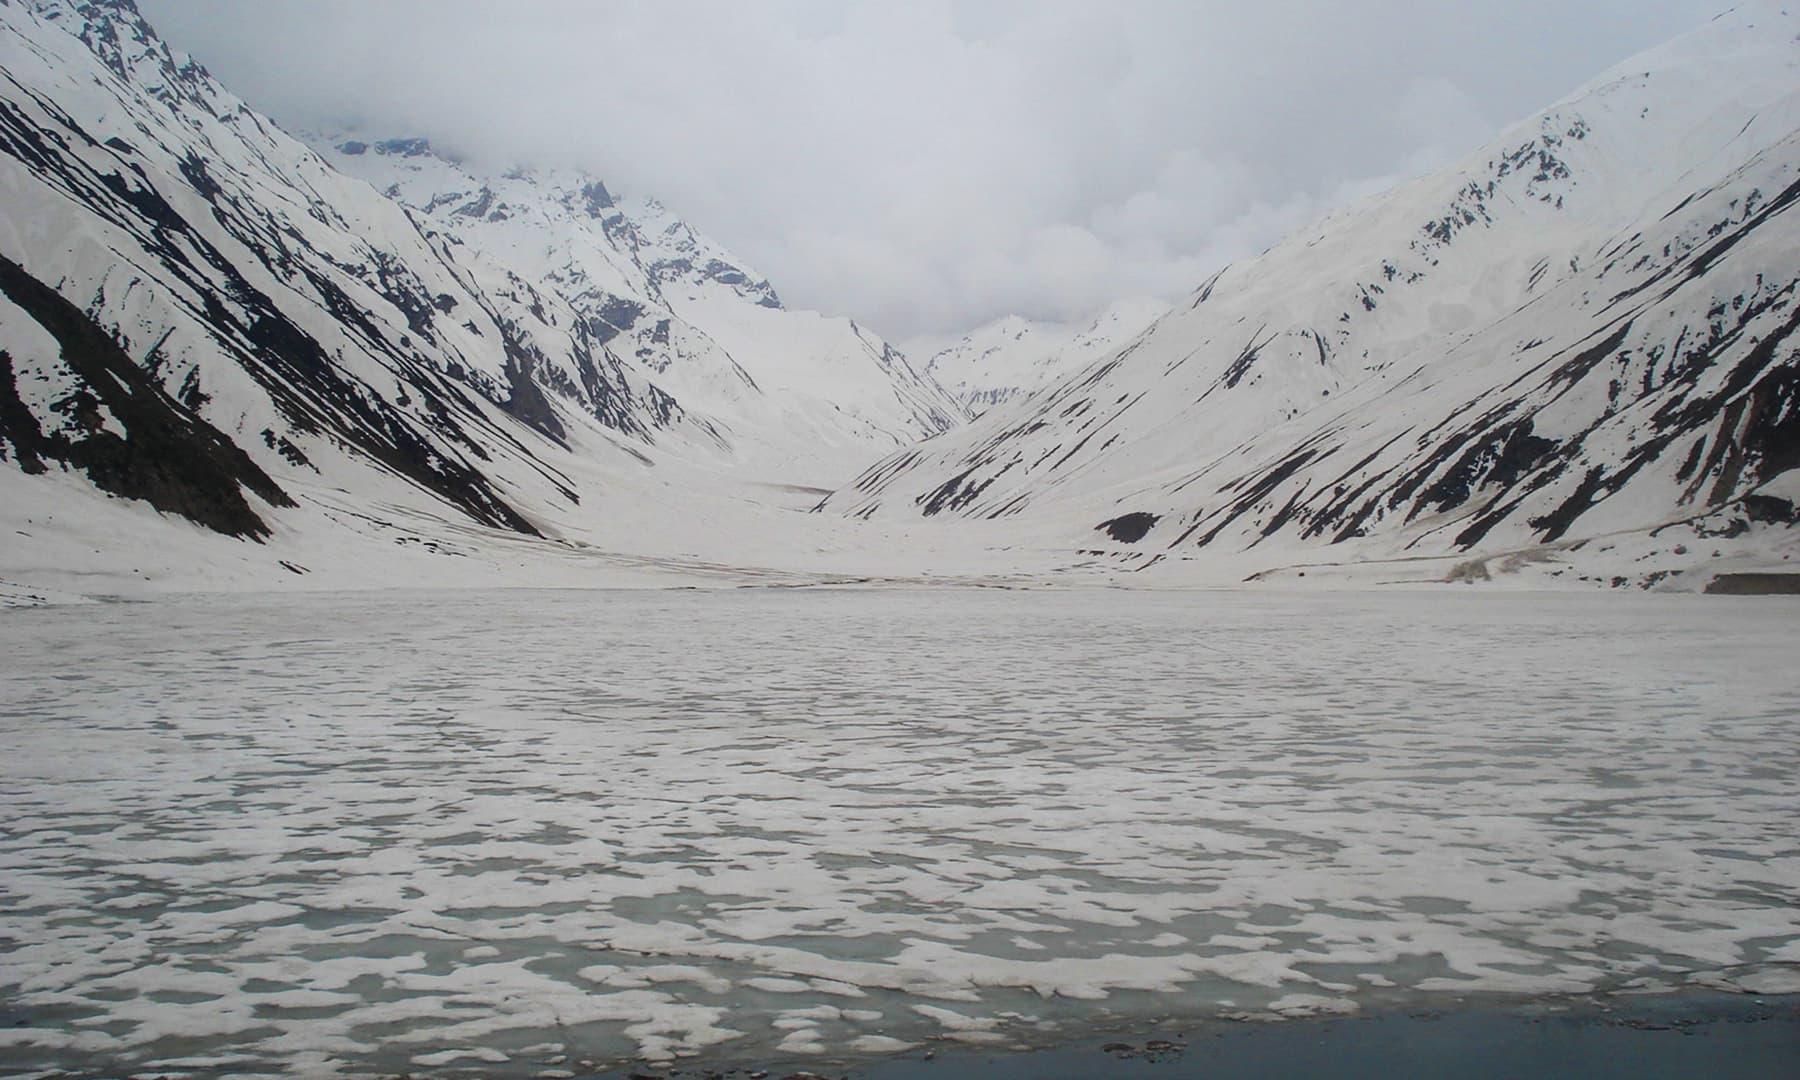 2007ء میں کھینچی گئی برفیلی جھیل کی ایک تصویر—تصویر عظمت اکبر